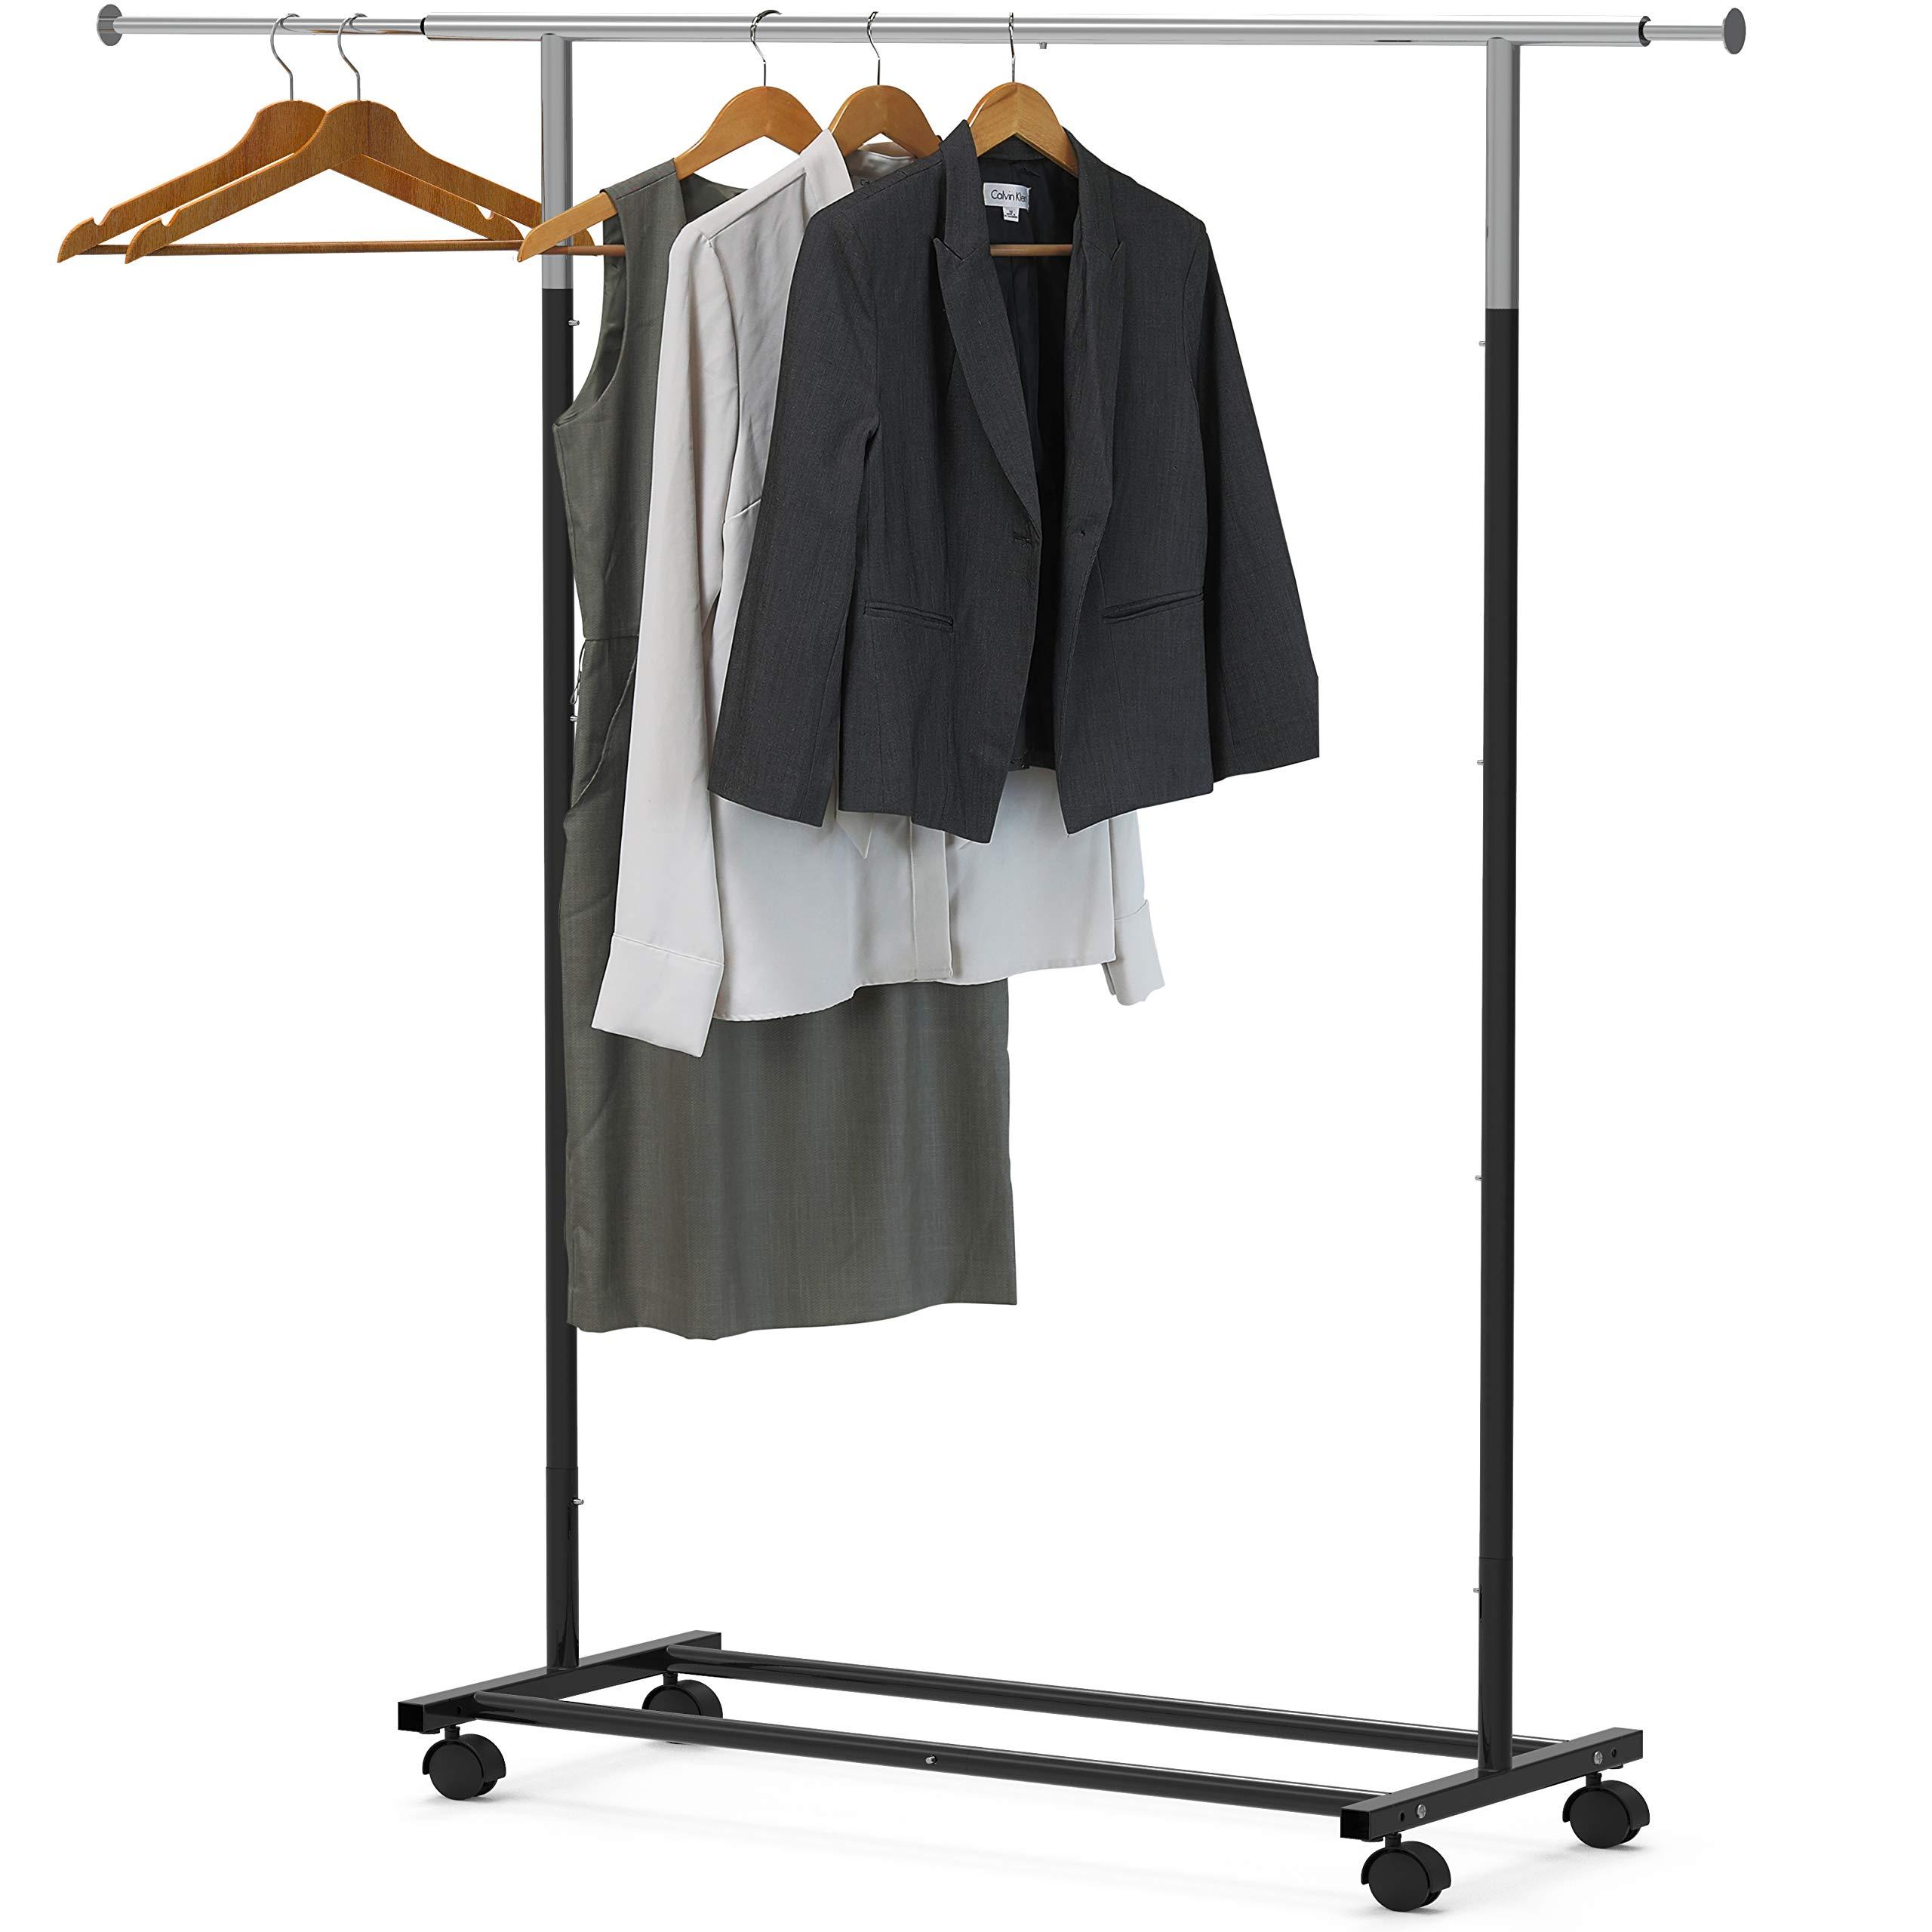 Simple Houseware Standard Rod Garment Rack by Simple Houseware